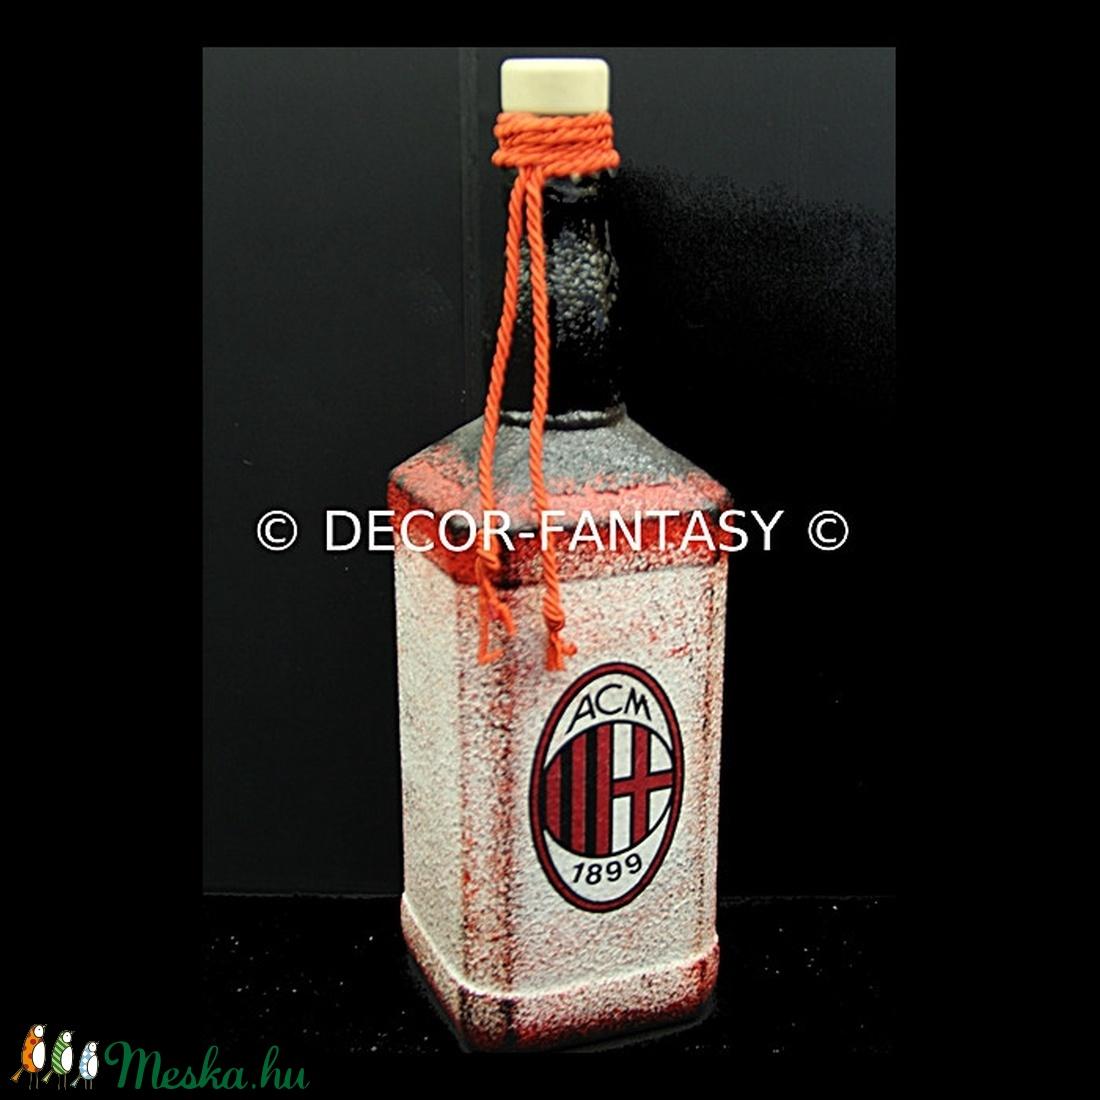 AC MILAN emblémával díszített  üveg   ( 0,75 l üveg )  (decorfantasy) - Meska.hu